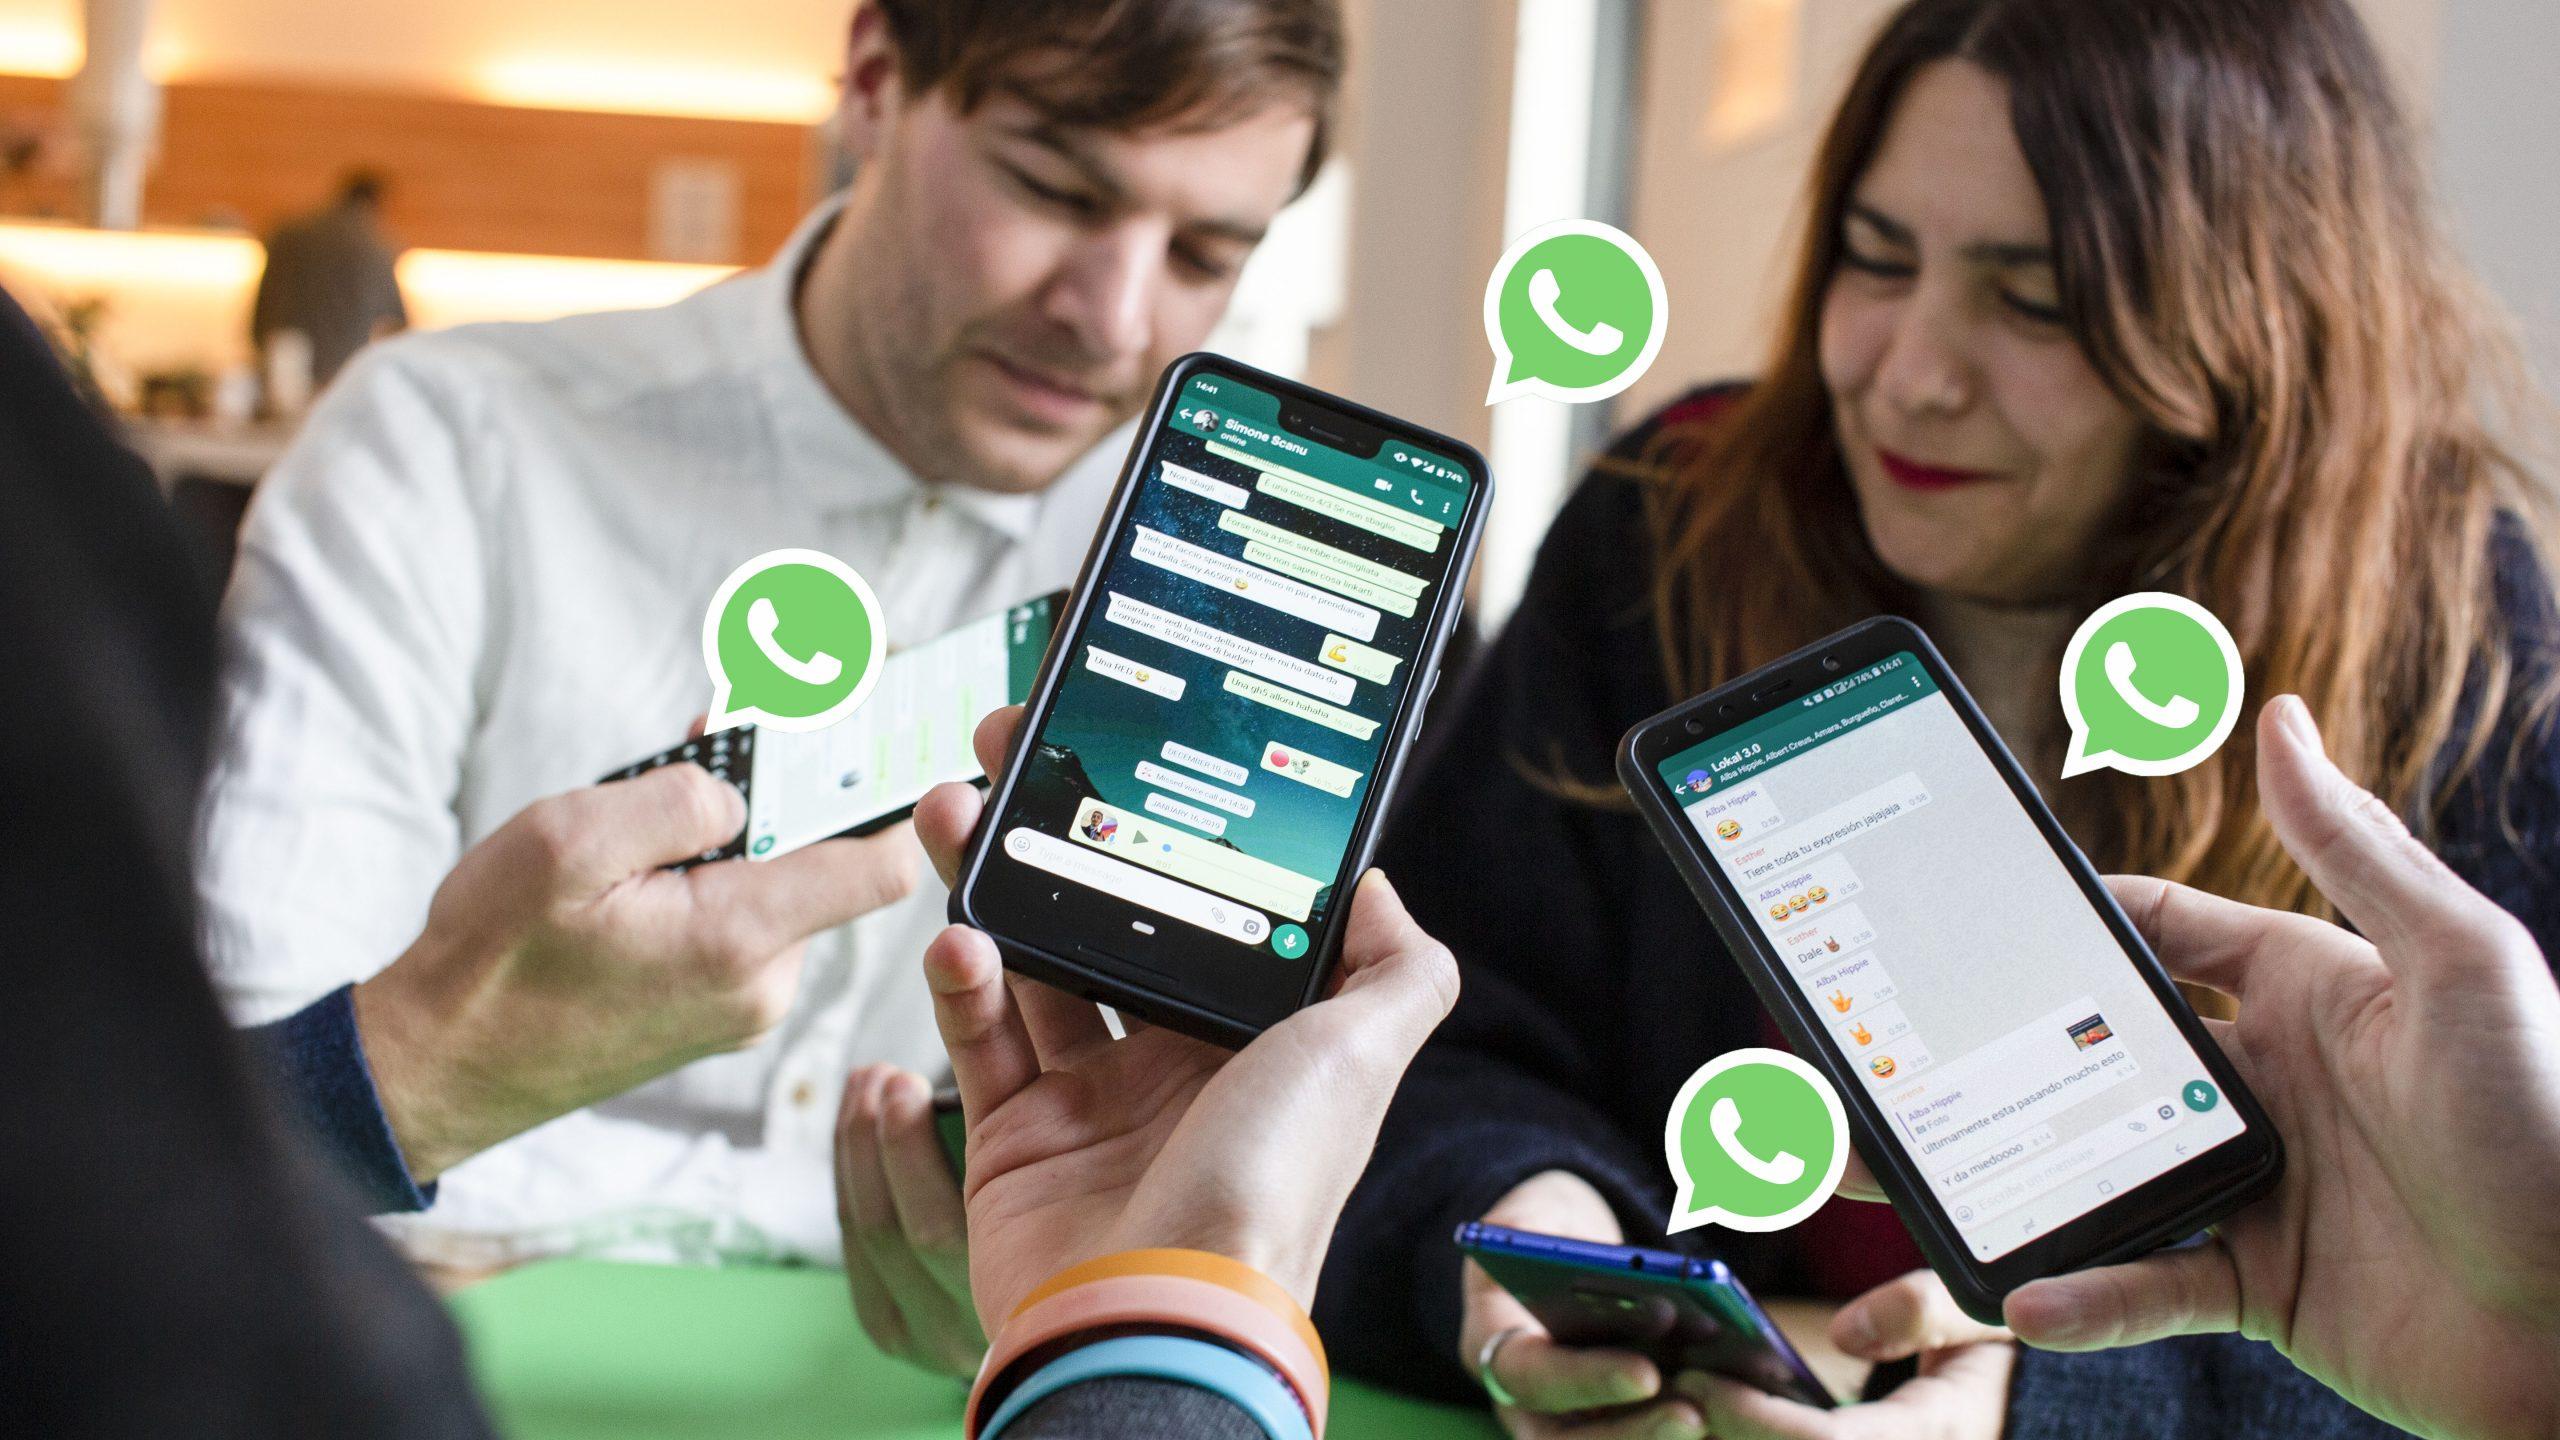 Kuidas vastata WhatsAppi sõnumile ilma võrku minemata